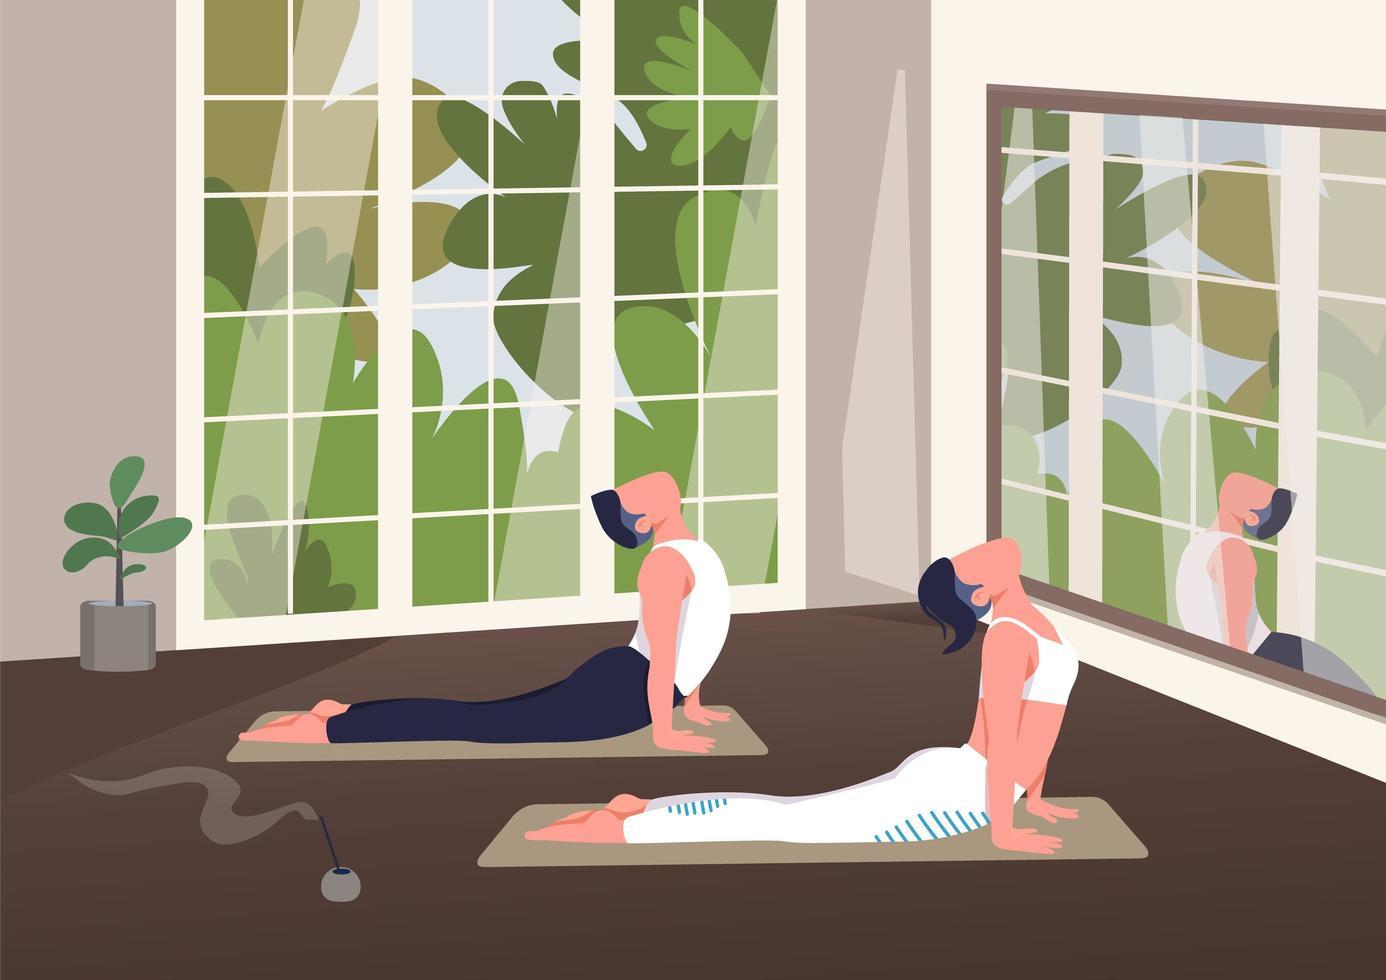 Indoor Yoga Kurs vektor